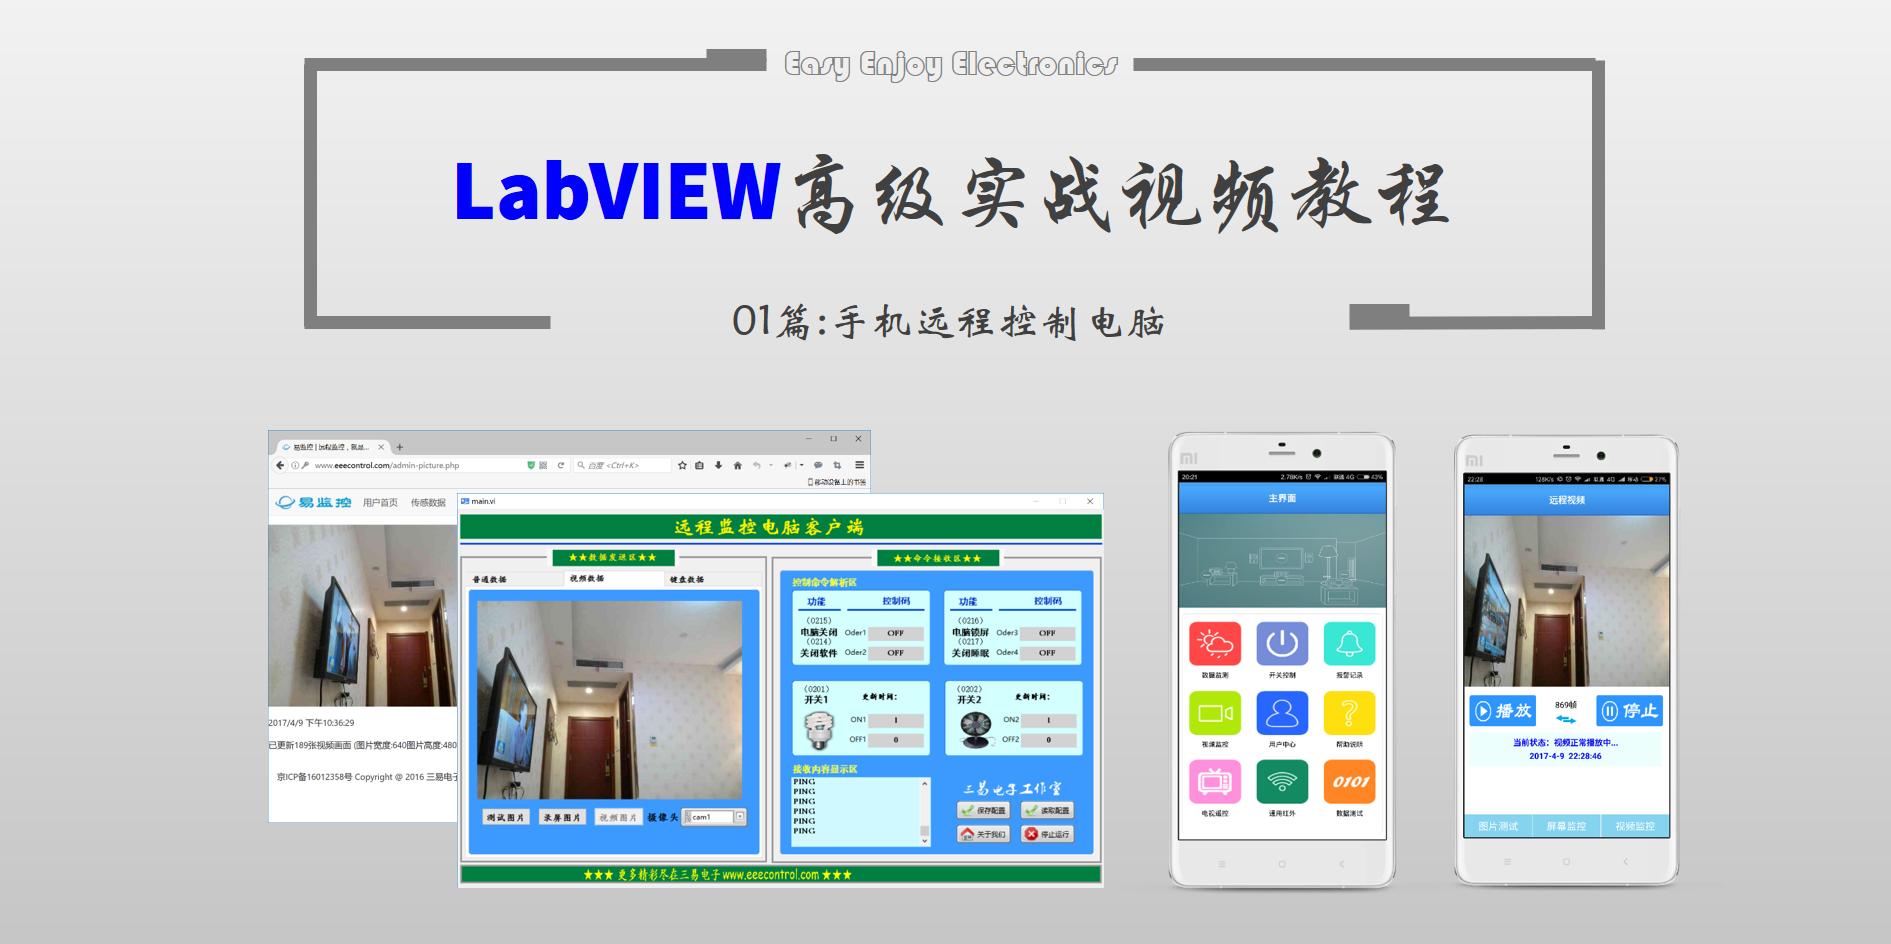 【终极福利】利用LabVIEW轻松玩转远程视频监控